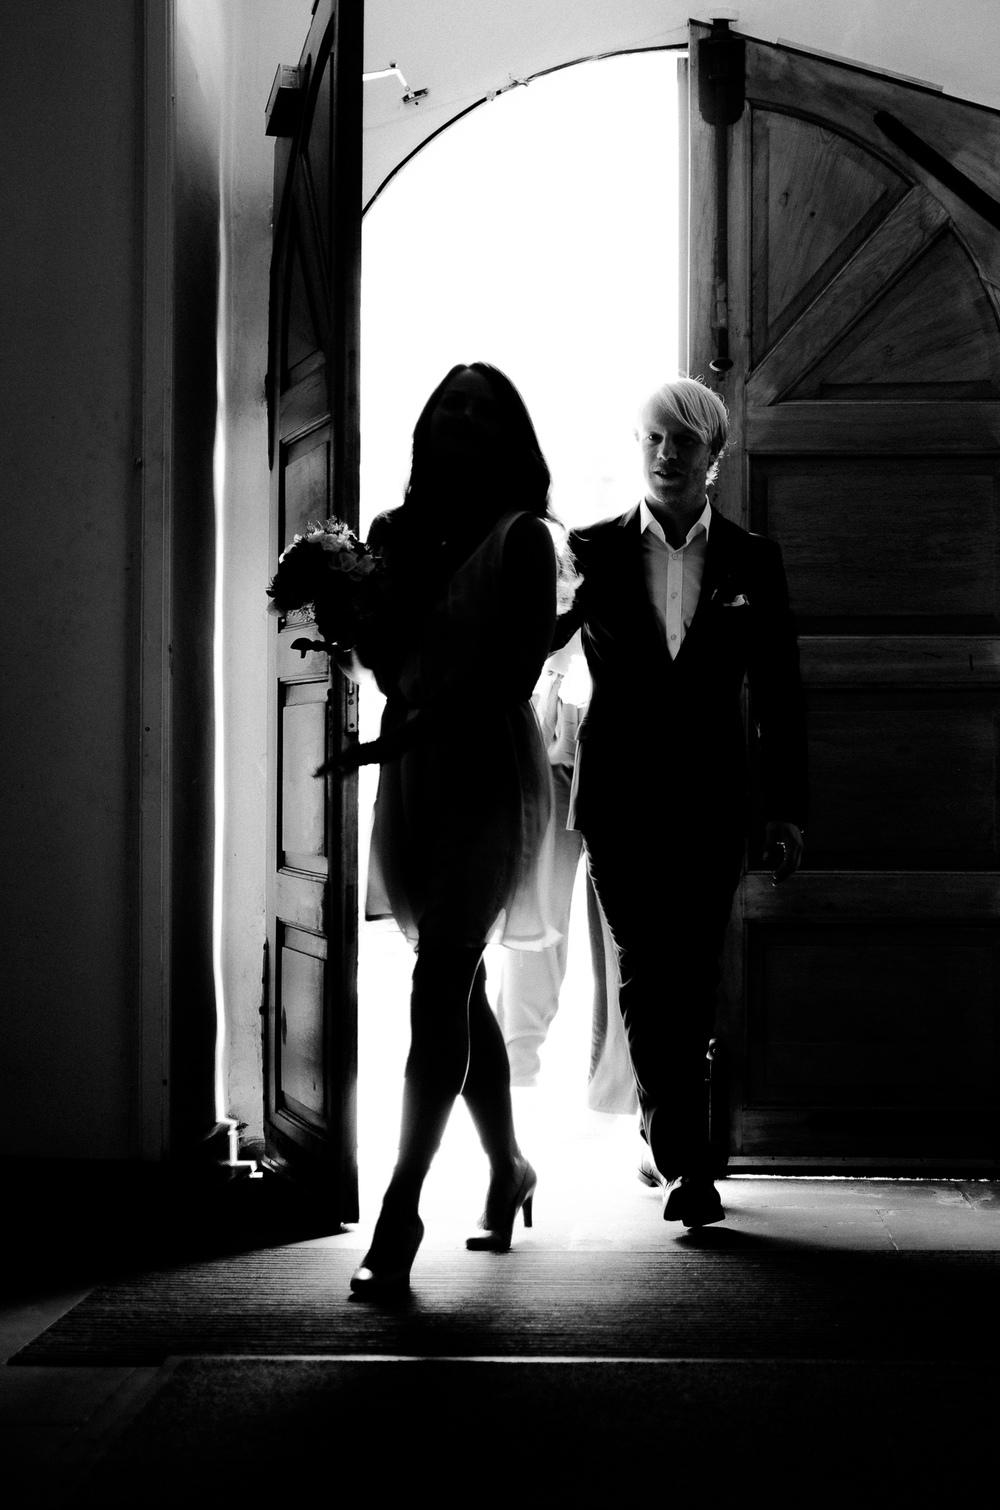 20150905_wedding_hochzeit_standesamt_rotenburg_fulda_christoph_schlein-7600.jpg